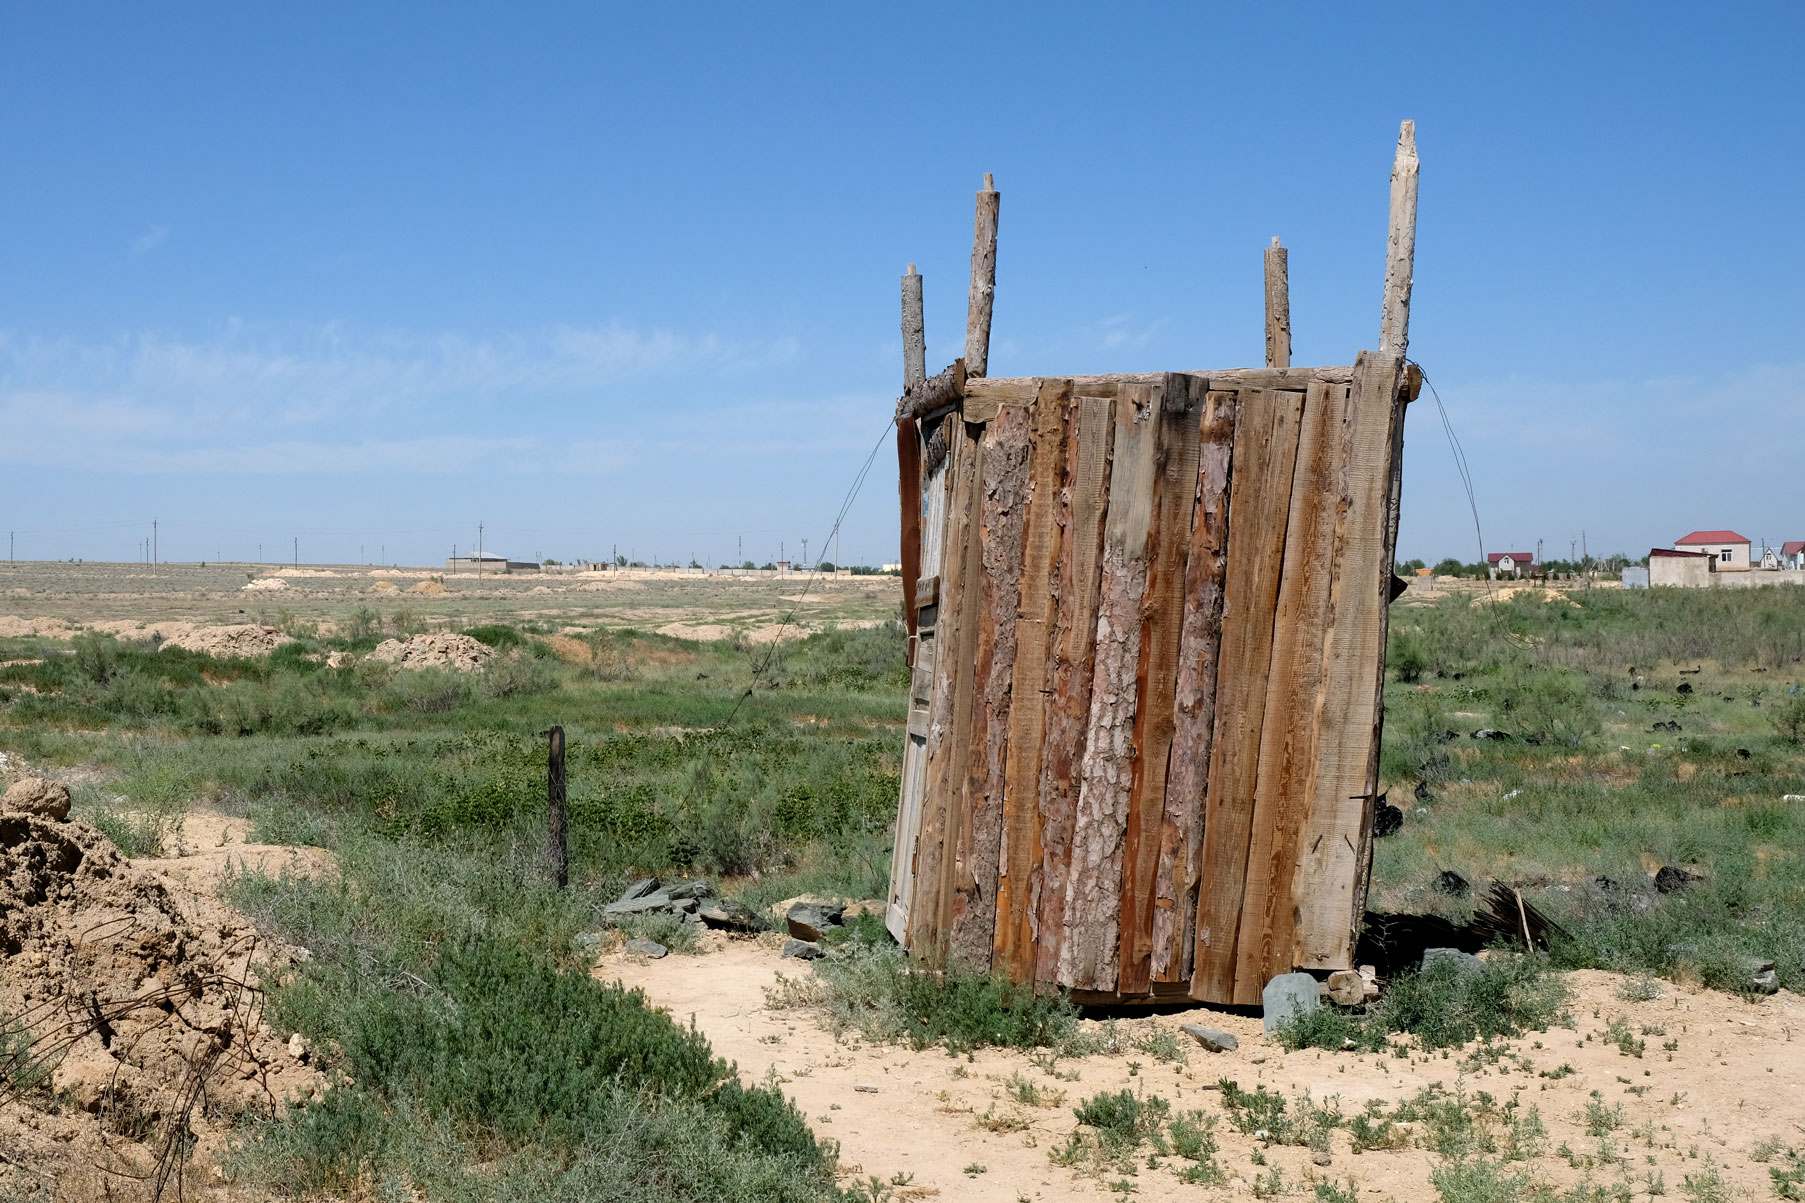 Ein Holzhäuschen in einer Wüstenlandschaft